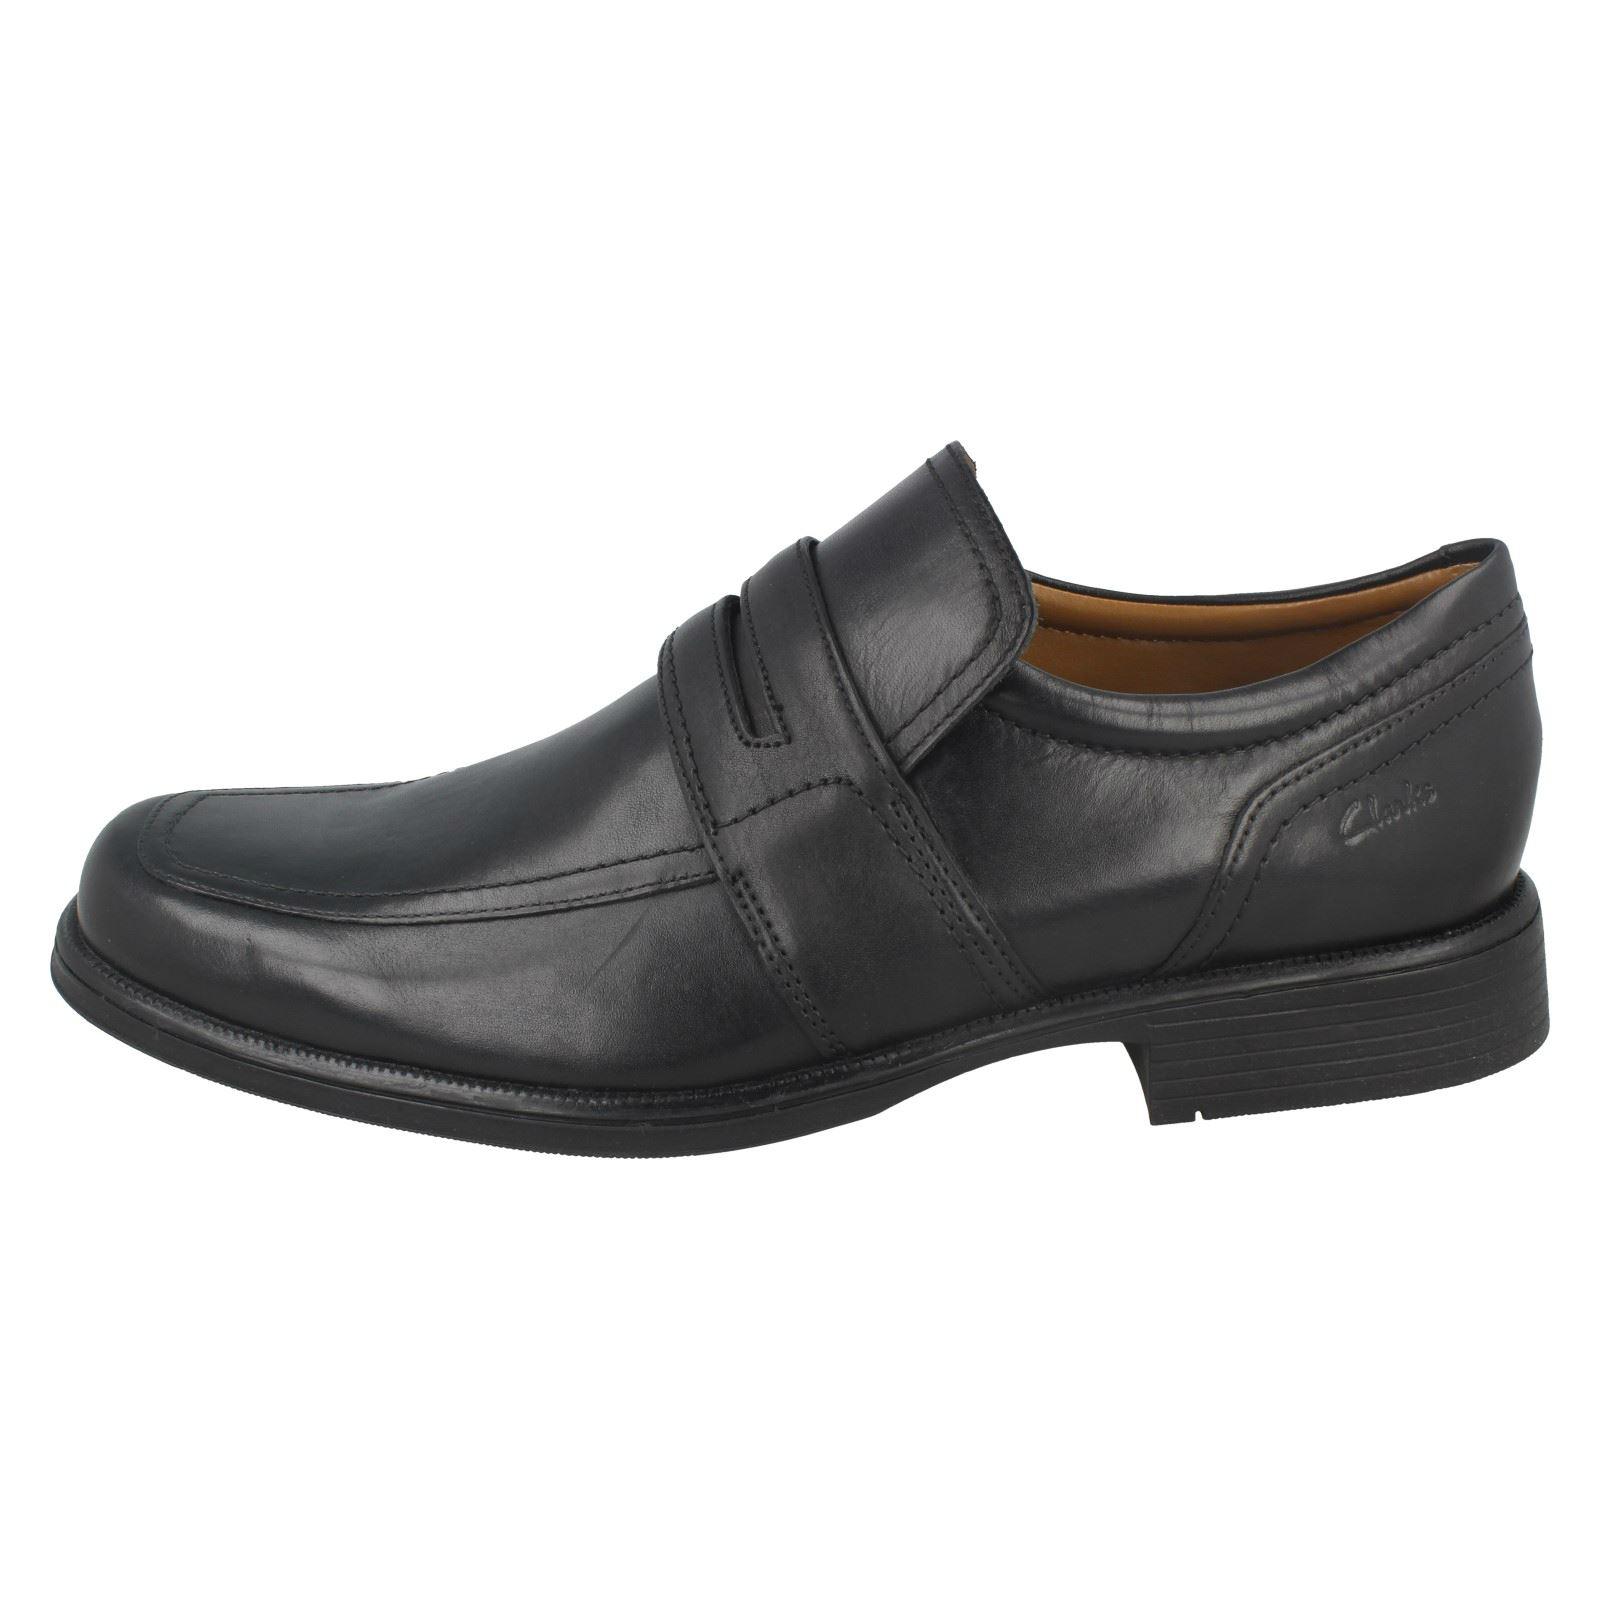 De Zapatos Cordones Sin Clarks Huckley Vestir Trabajo Hombre 4qgxvwOE